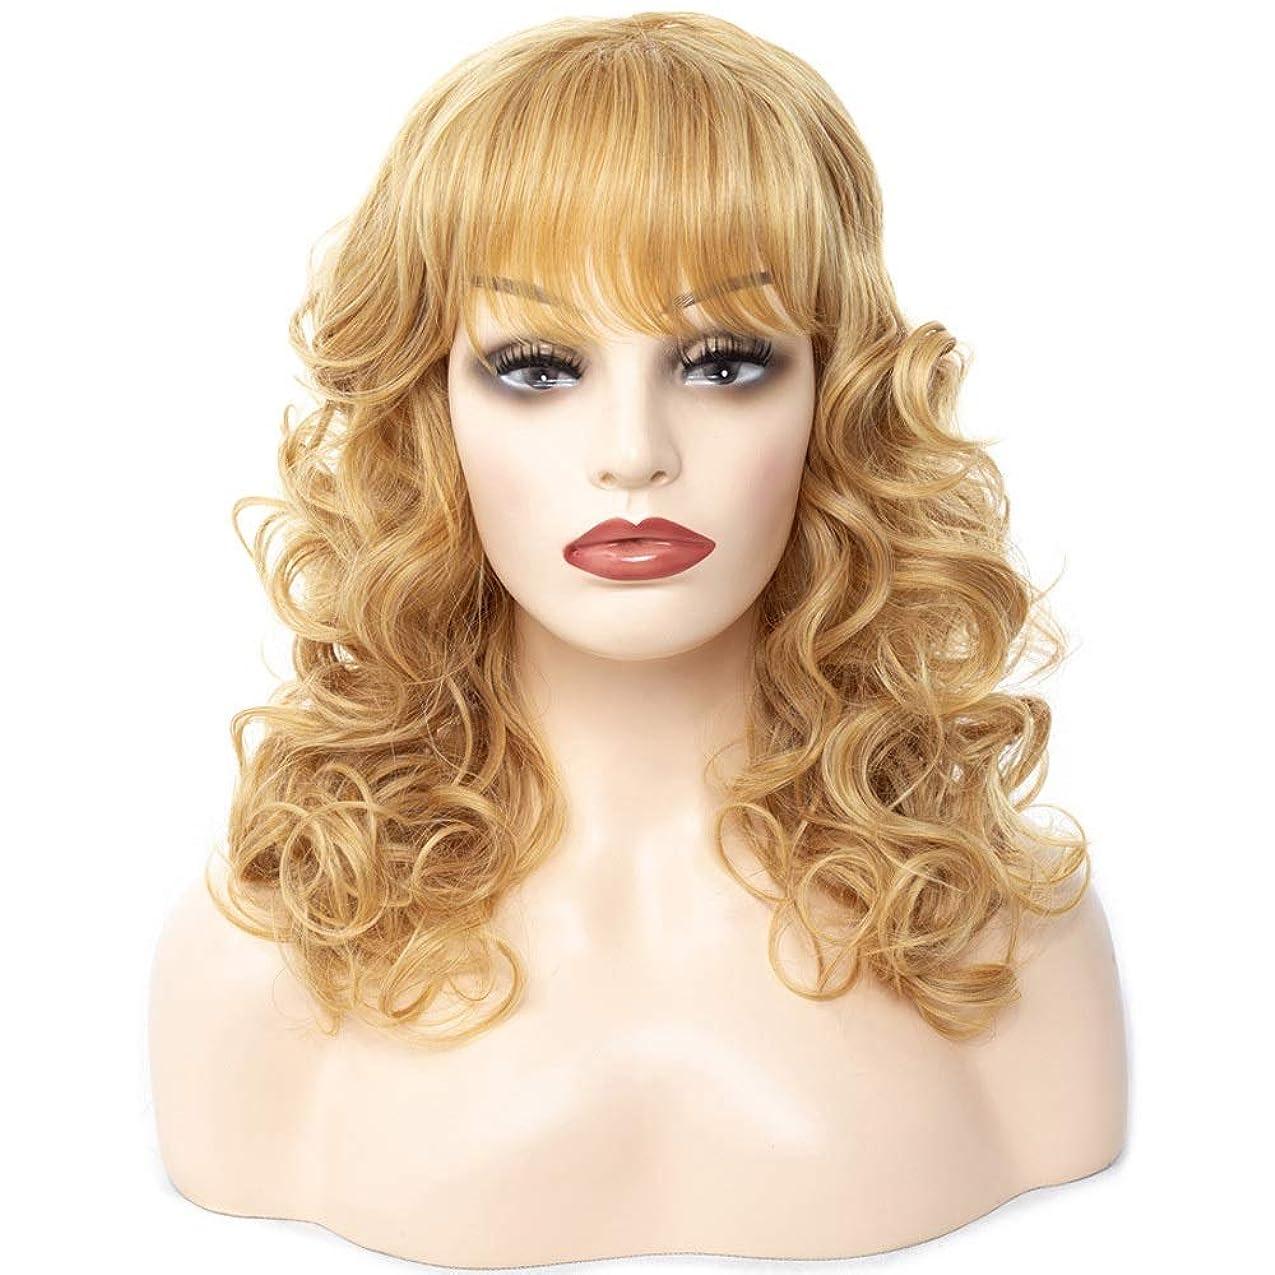 インスタンス保全是正Isikawan 、コスプレ衣装や毎日かつらかつら女性のための前髪の黄色の長い巻き毛のかつらと合成かつら (色 : イエロー, サイズ : 45cm)